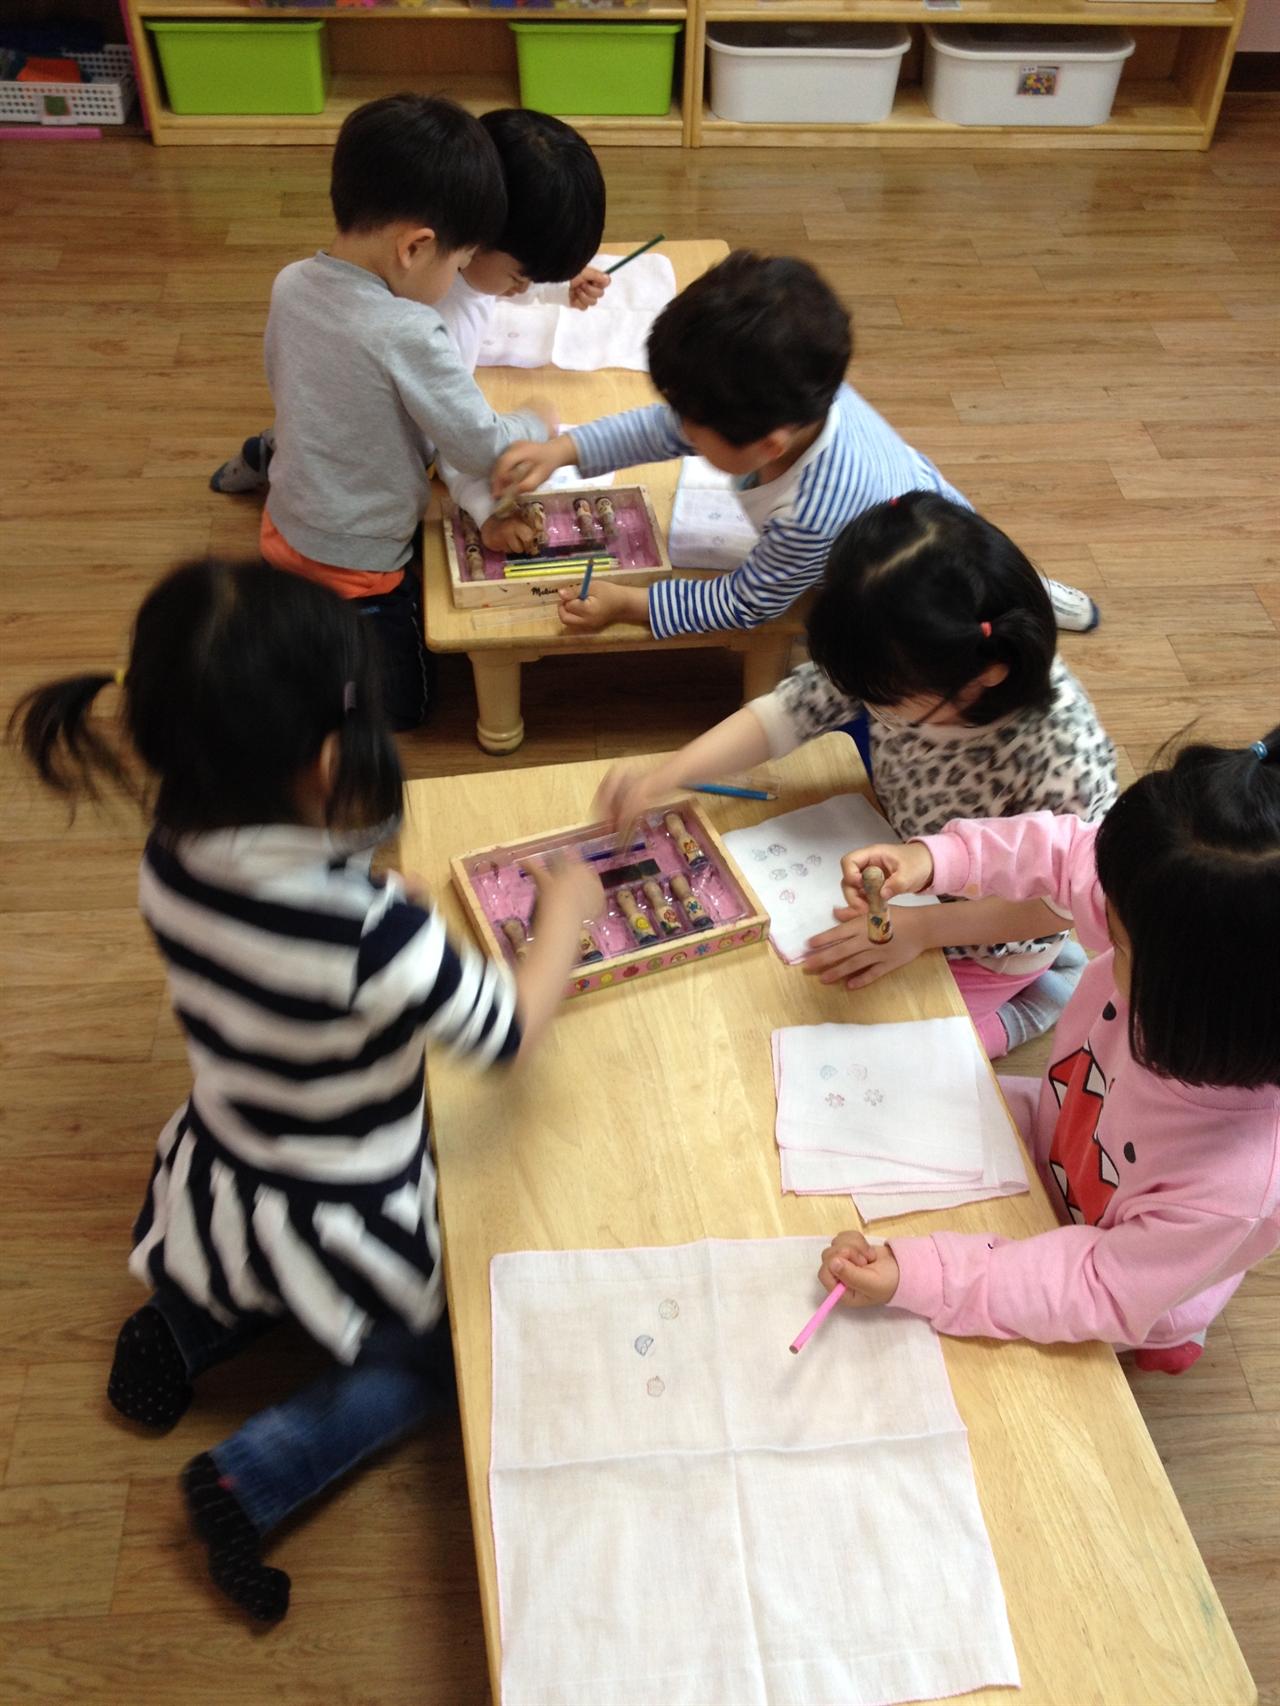 손수건에 도장찍기 놀이를 하고 있다. 30분짜리 프로그램으로 준비했으나 10분이 지나자 아이들은 다른 놀이를 하고 싶어 했다.